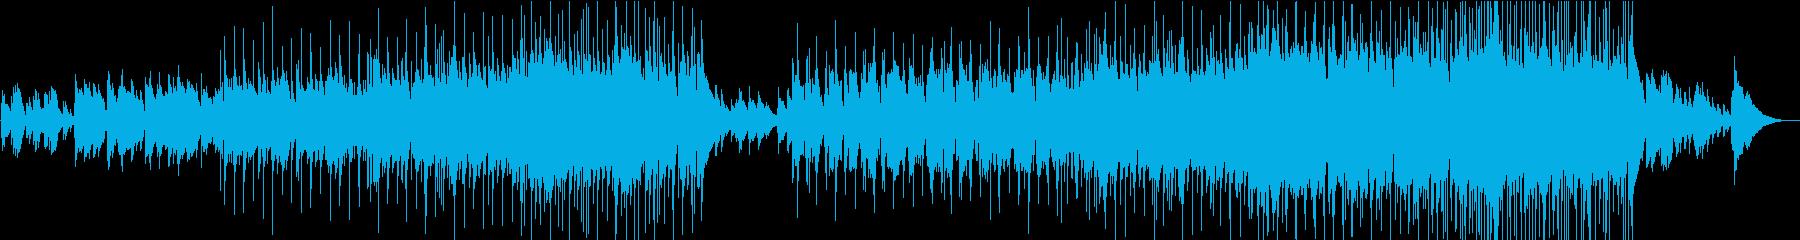 サックスが歌い上げる抒情的なバラードの再生済みの波形